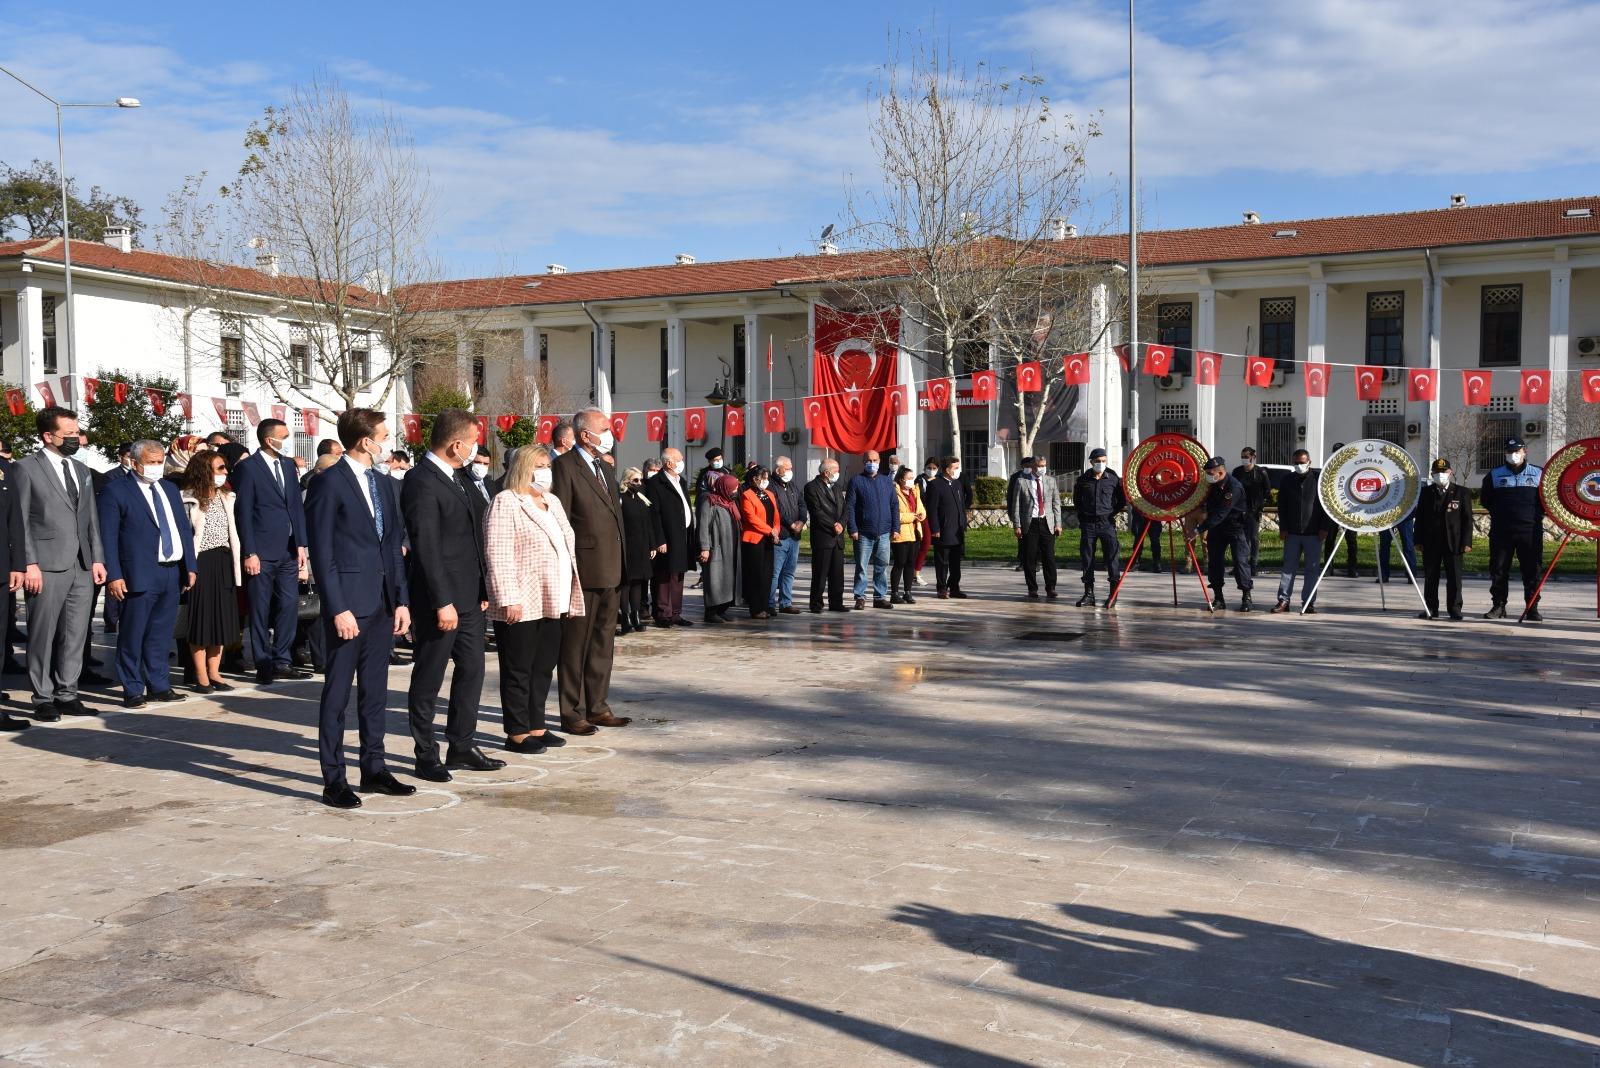 Ceyhan Belediye Başkanı Erdem, 18 Mart Çanakkale Zaferi Anma Törenlerine Katıldı